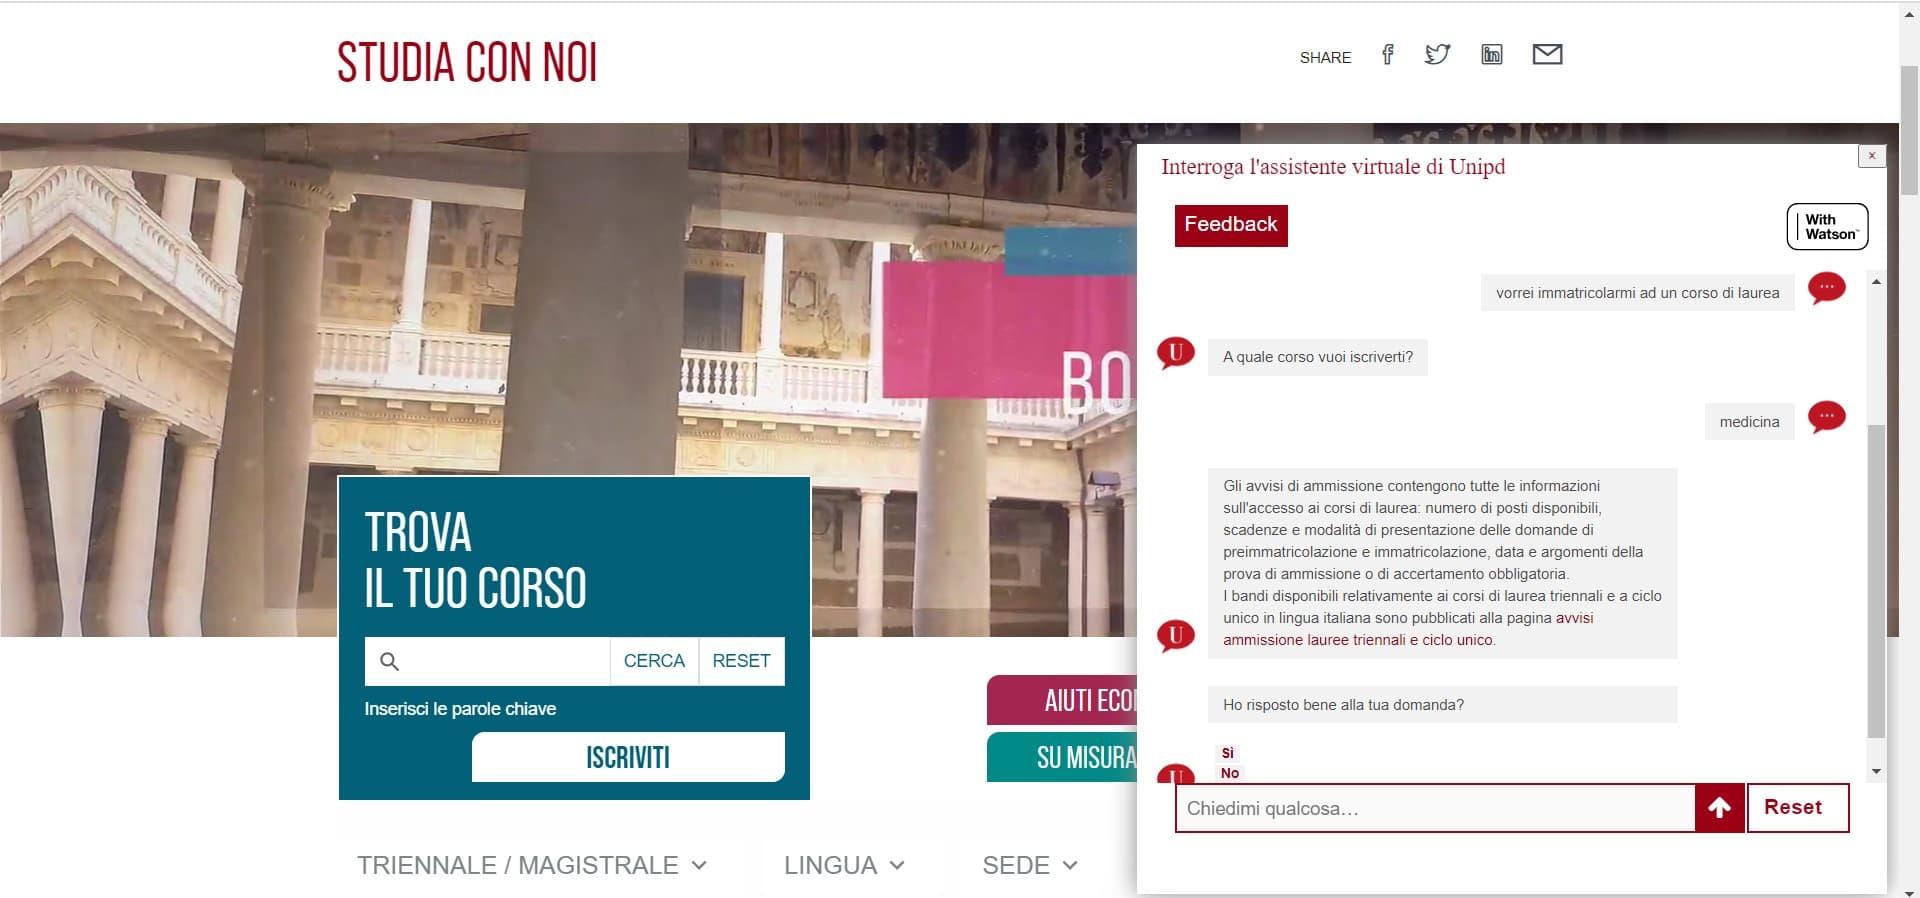 IBM Watson al servizio degli studenti dell'Università di Padova